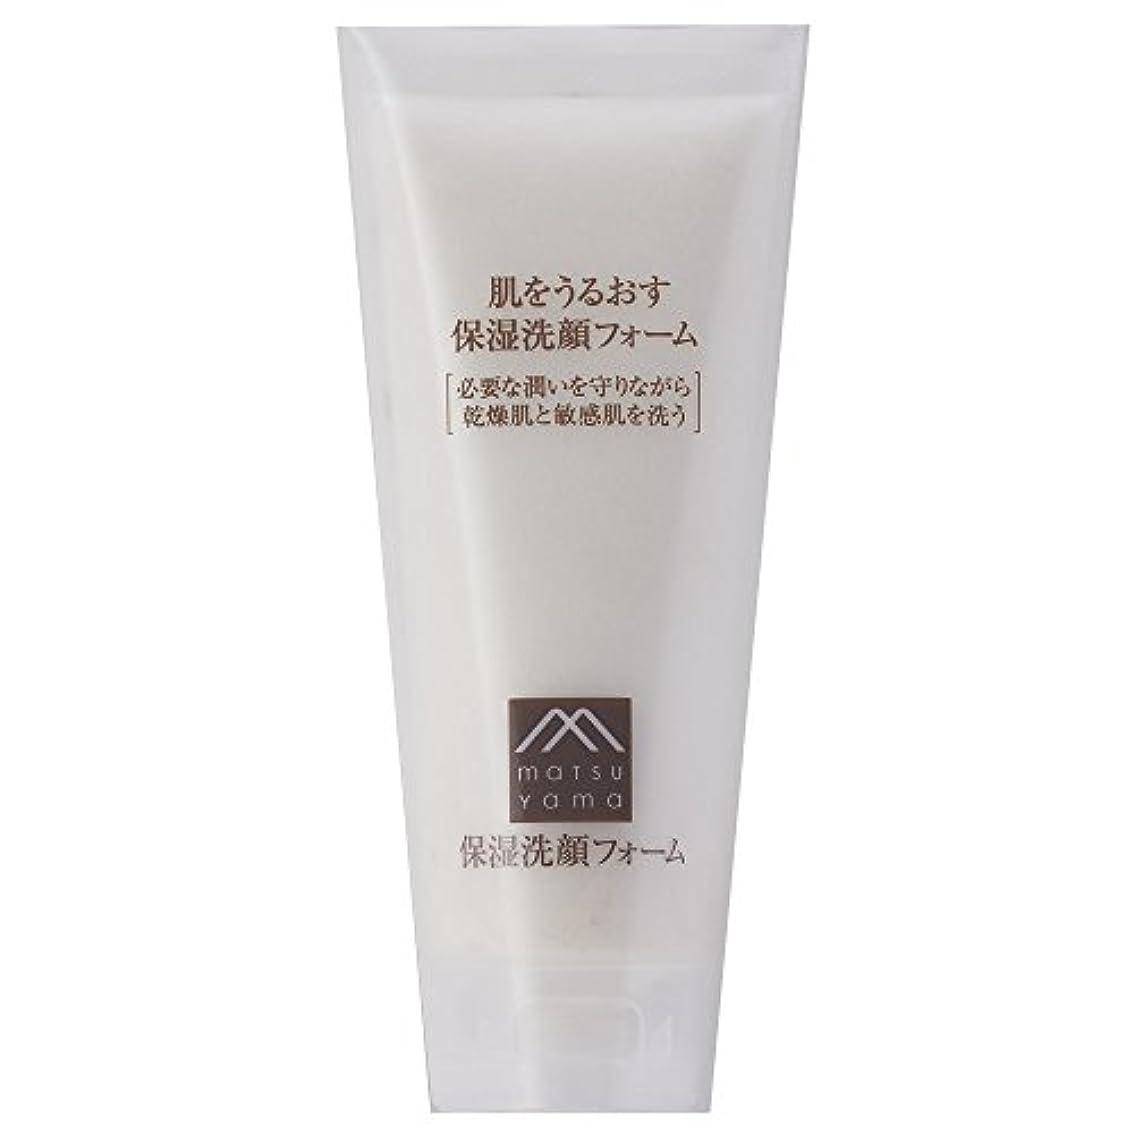 ハンカチ後者楕円形肌をうるおす保湿洗顔フォーム(洗顔料) [乾燥肌 敏感肌]